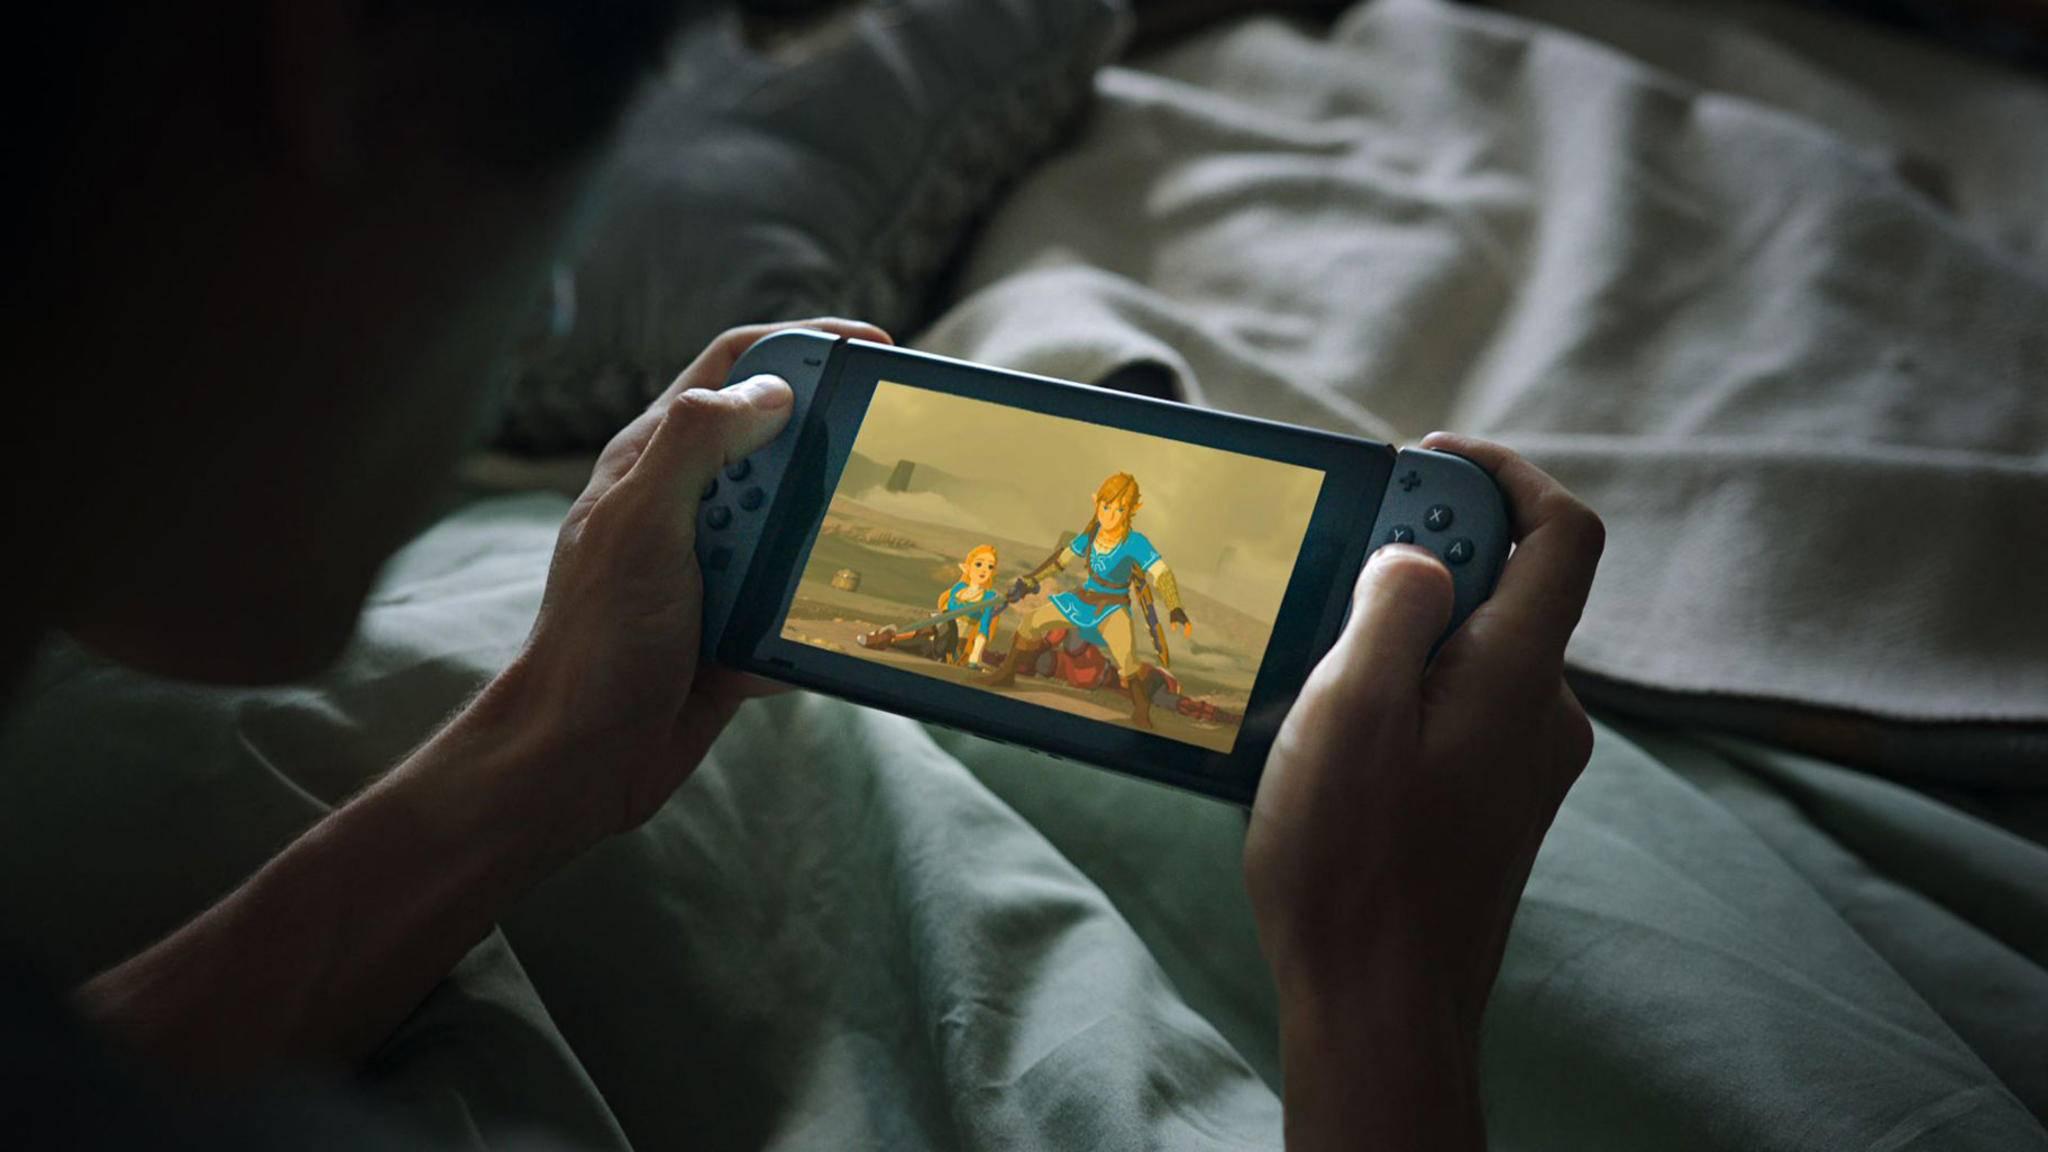 Erscheint zwar erst am 3. März, doch ein glücklicher Gamer erhielt die Nintendo Switch bereits in dieser Woche.